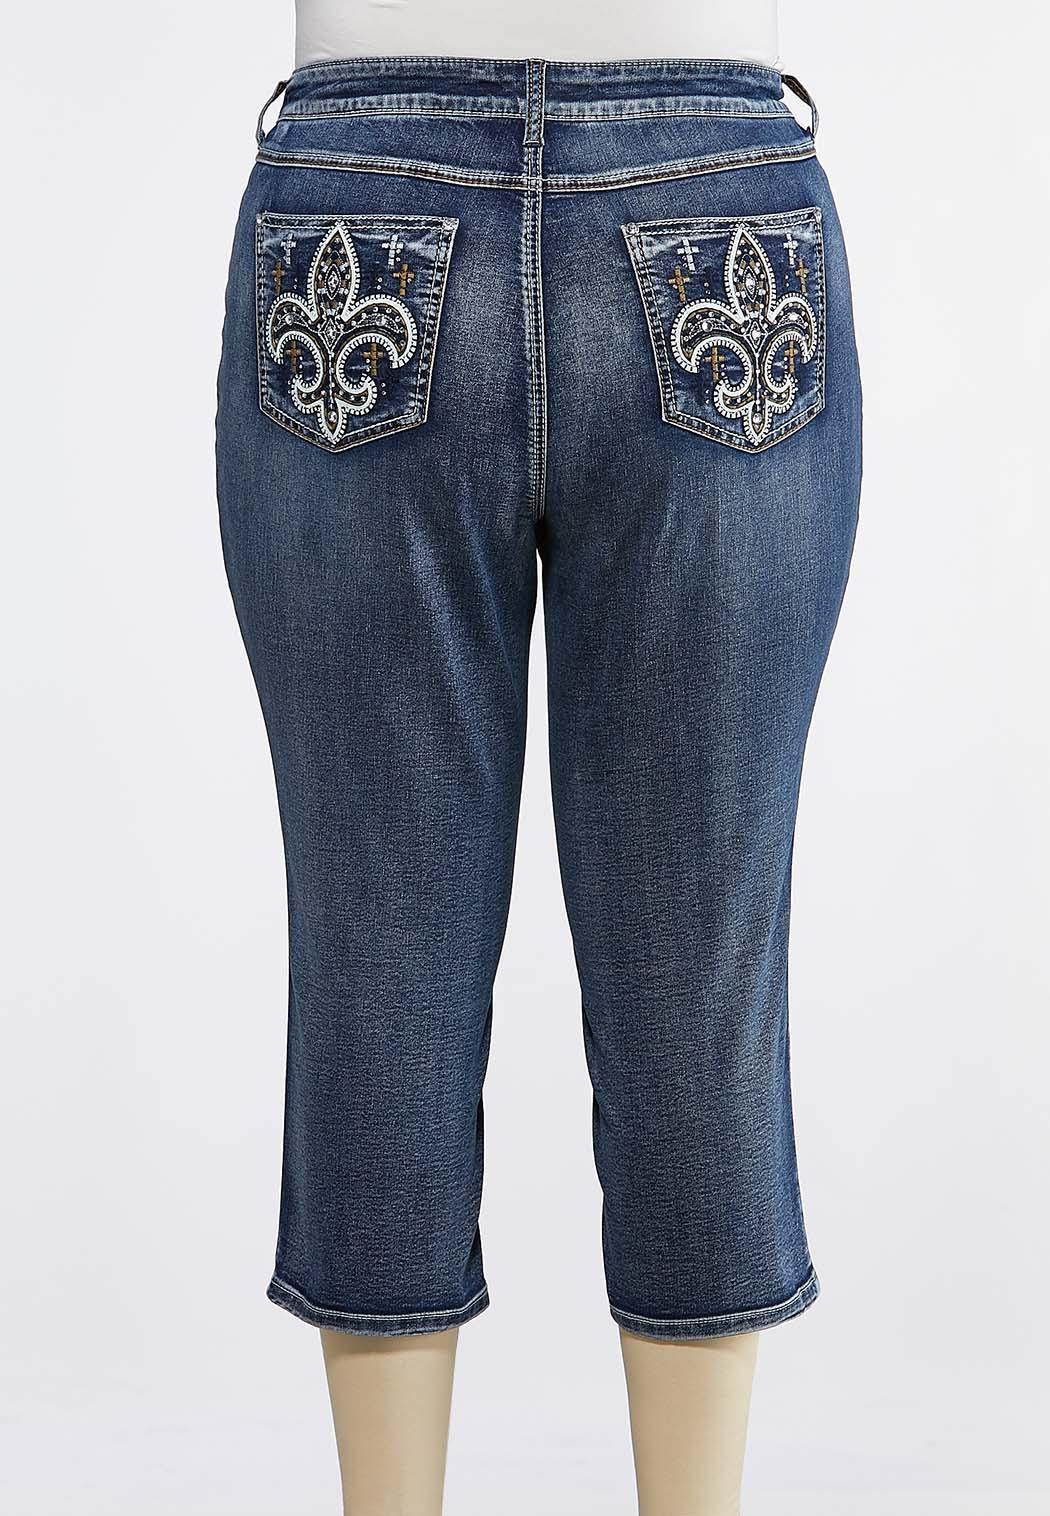 0dfaf5991cd Plus Size Cropped Fleur De Lis Pocket Jeans Cropped Pants Cato ...